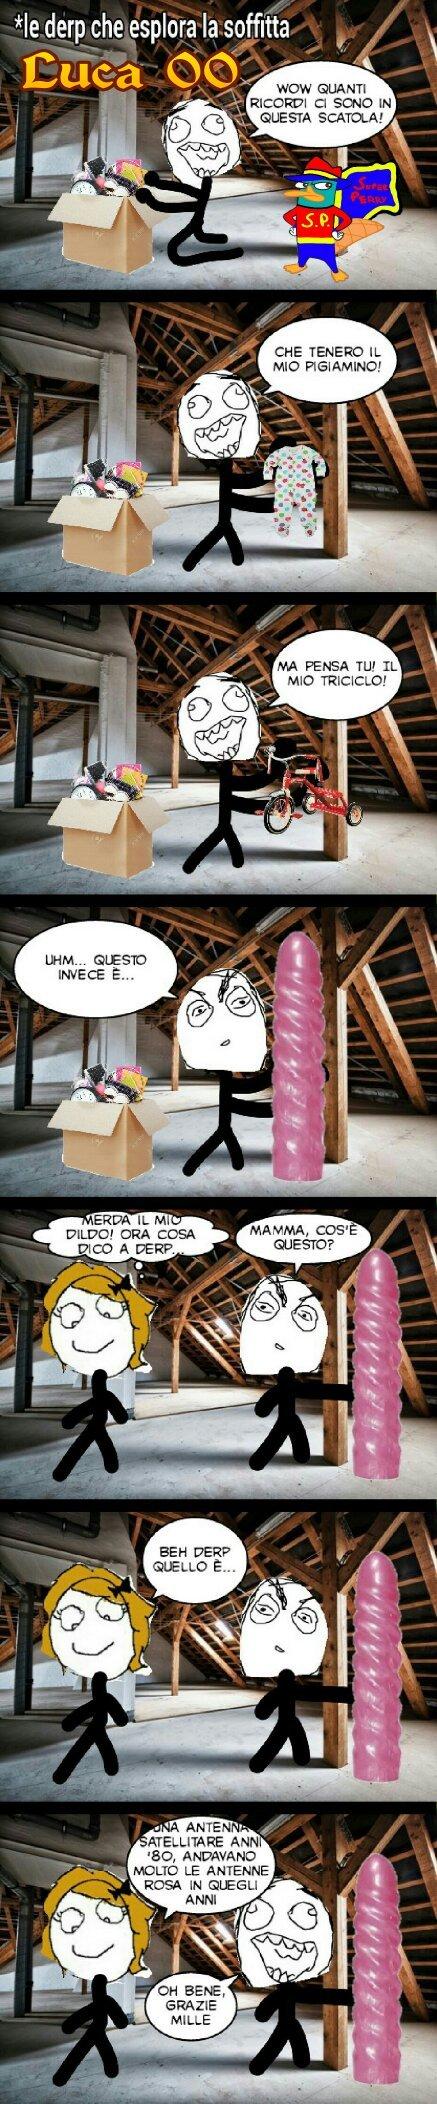 Scorrete giù per vedere il meme completo, cito Yuri_Xx e victoriastation, spero vi piaccia :)